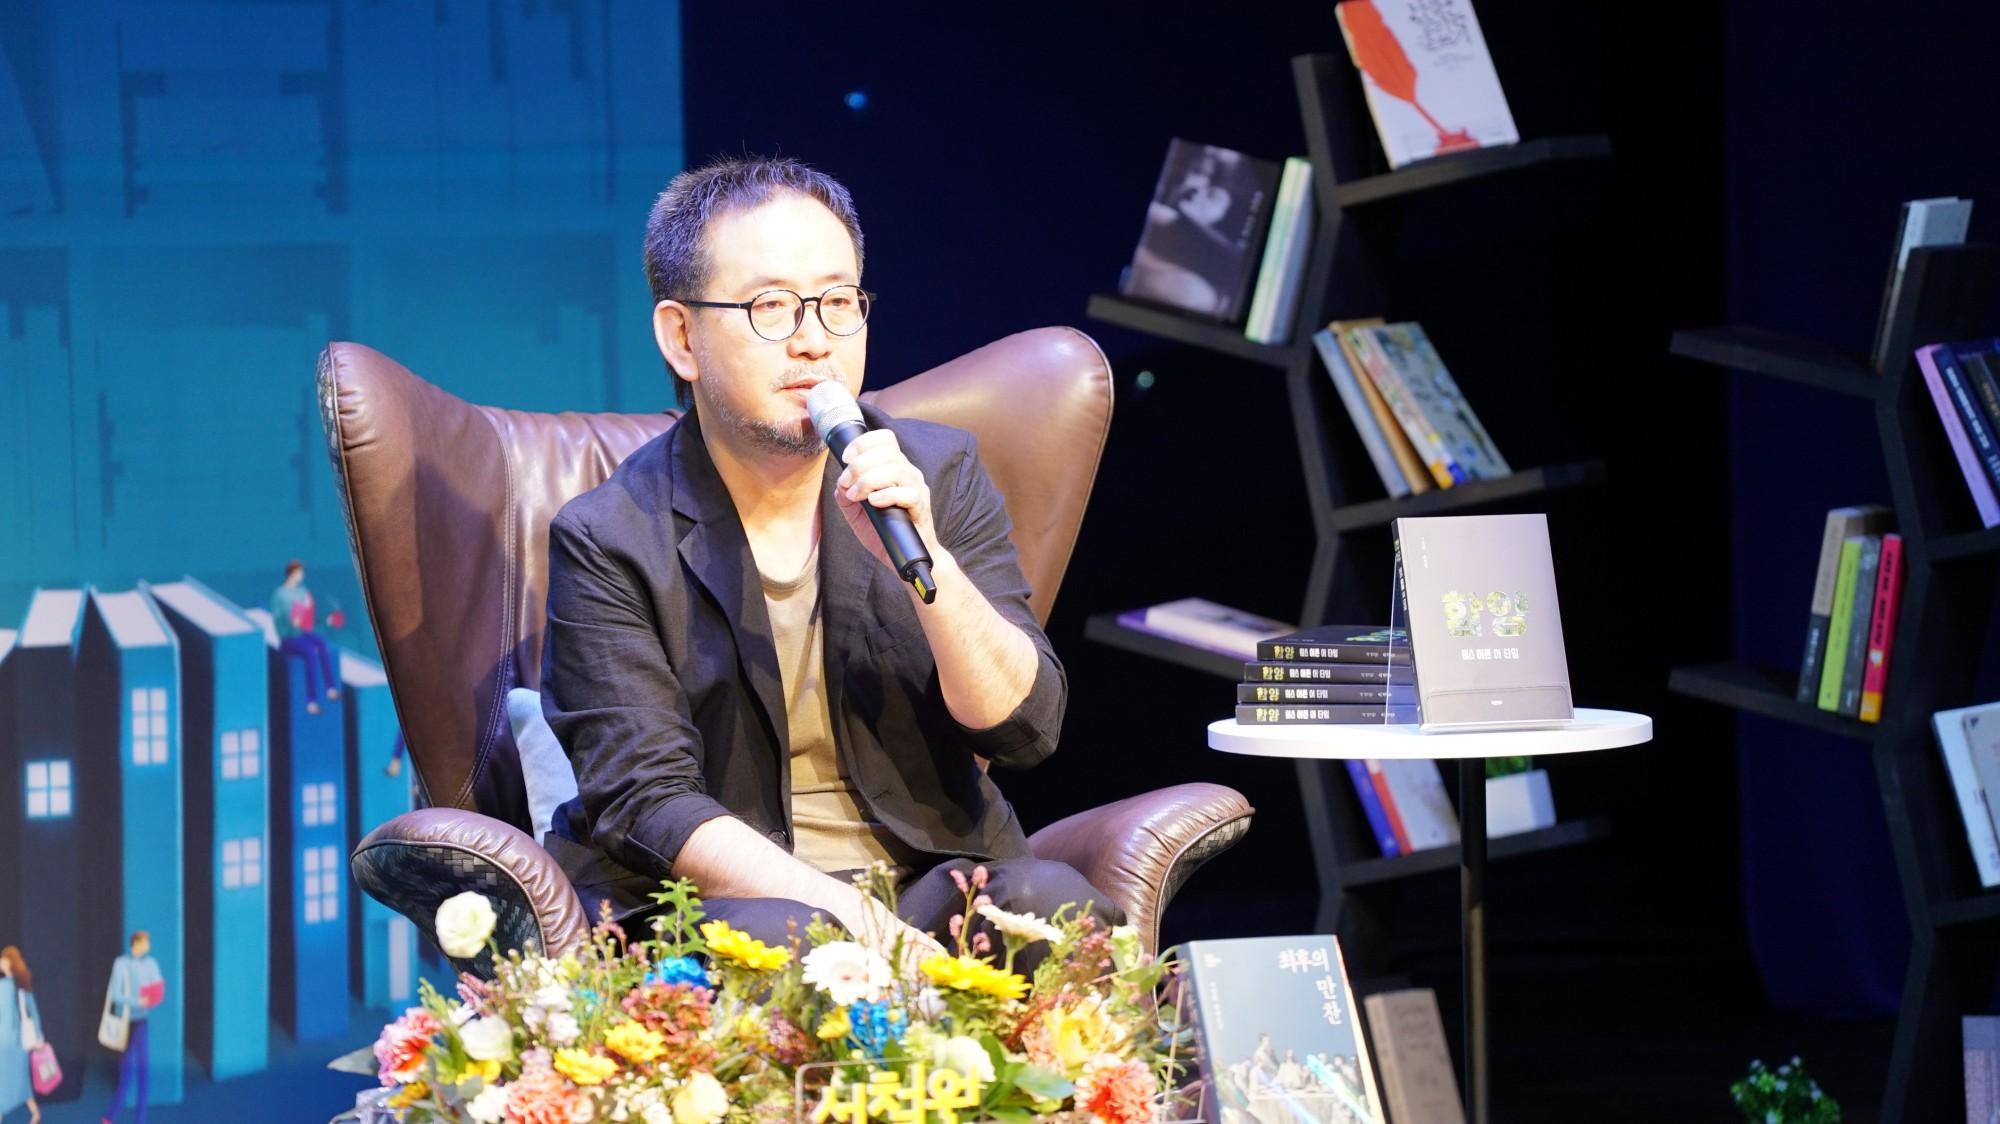 2020 전주독서대전 2019 혼물문학상 수상자와의 만남- 서철원